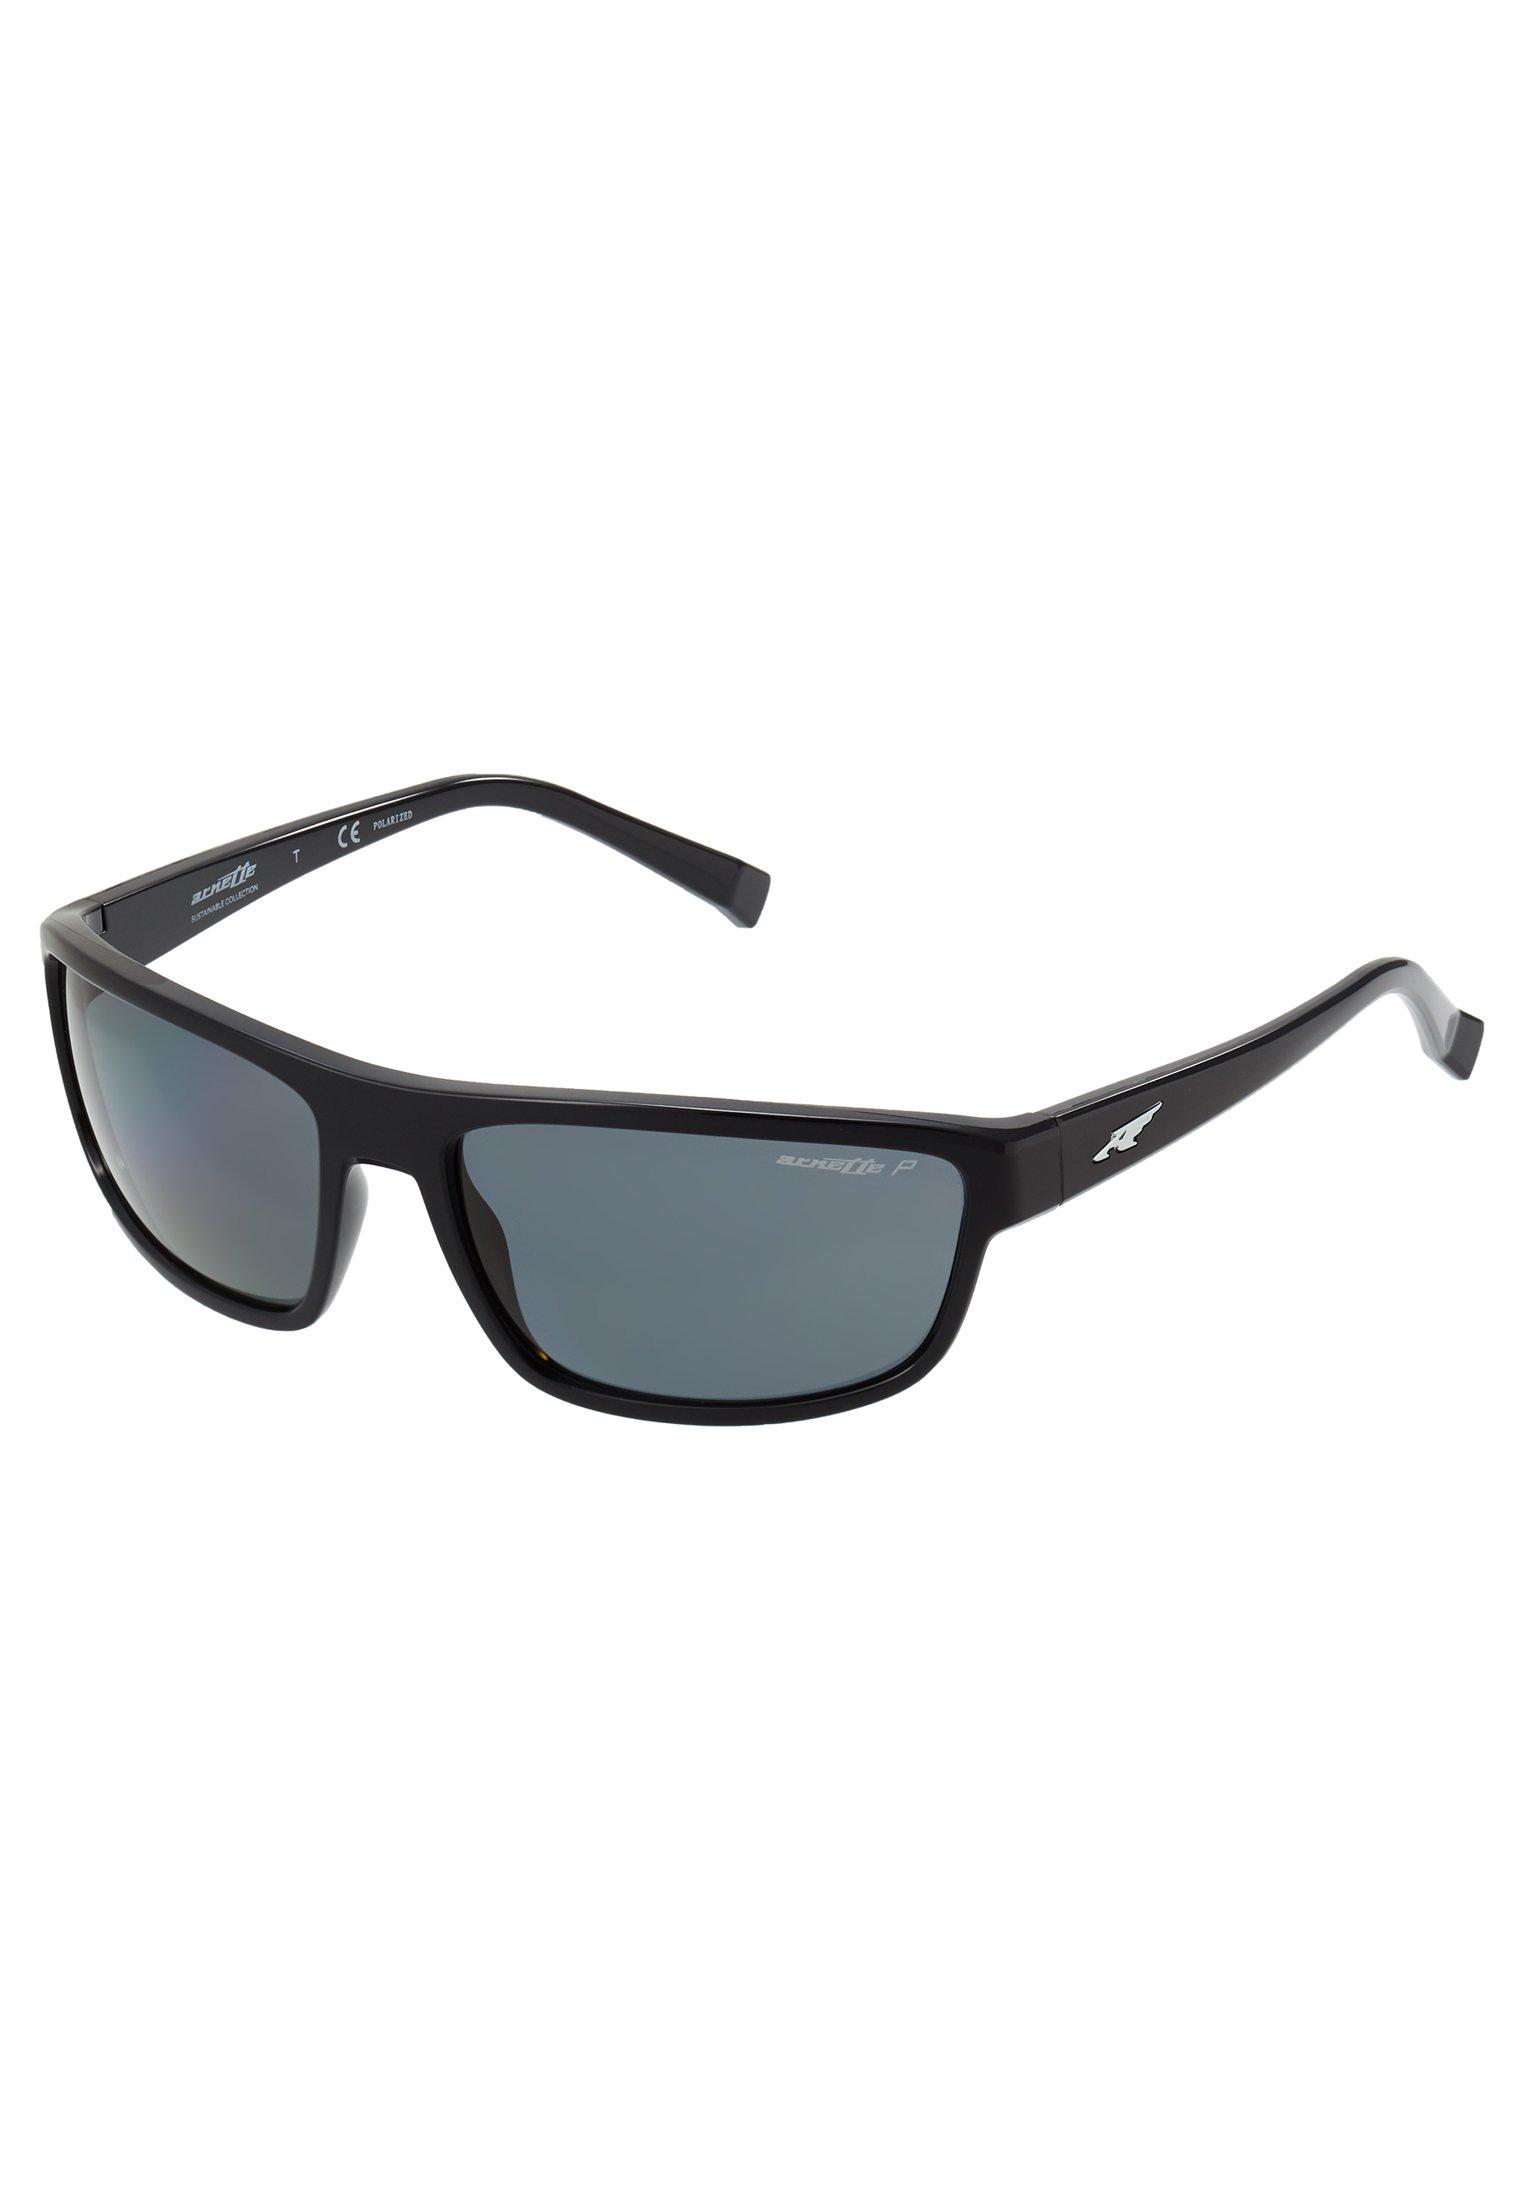 Arnette BORROW - Solbriller - black/svart yCXAgJJt0O4Kxxo